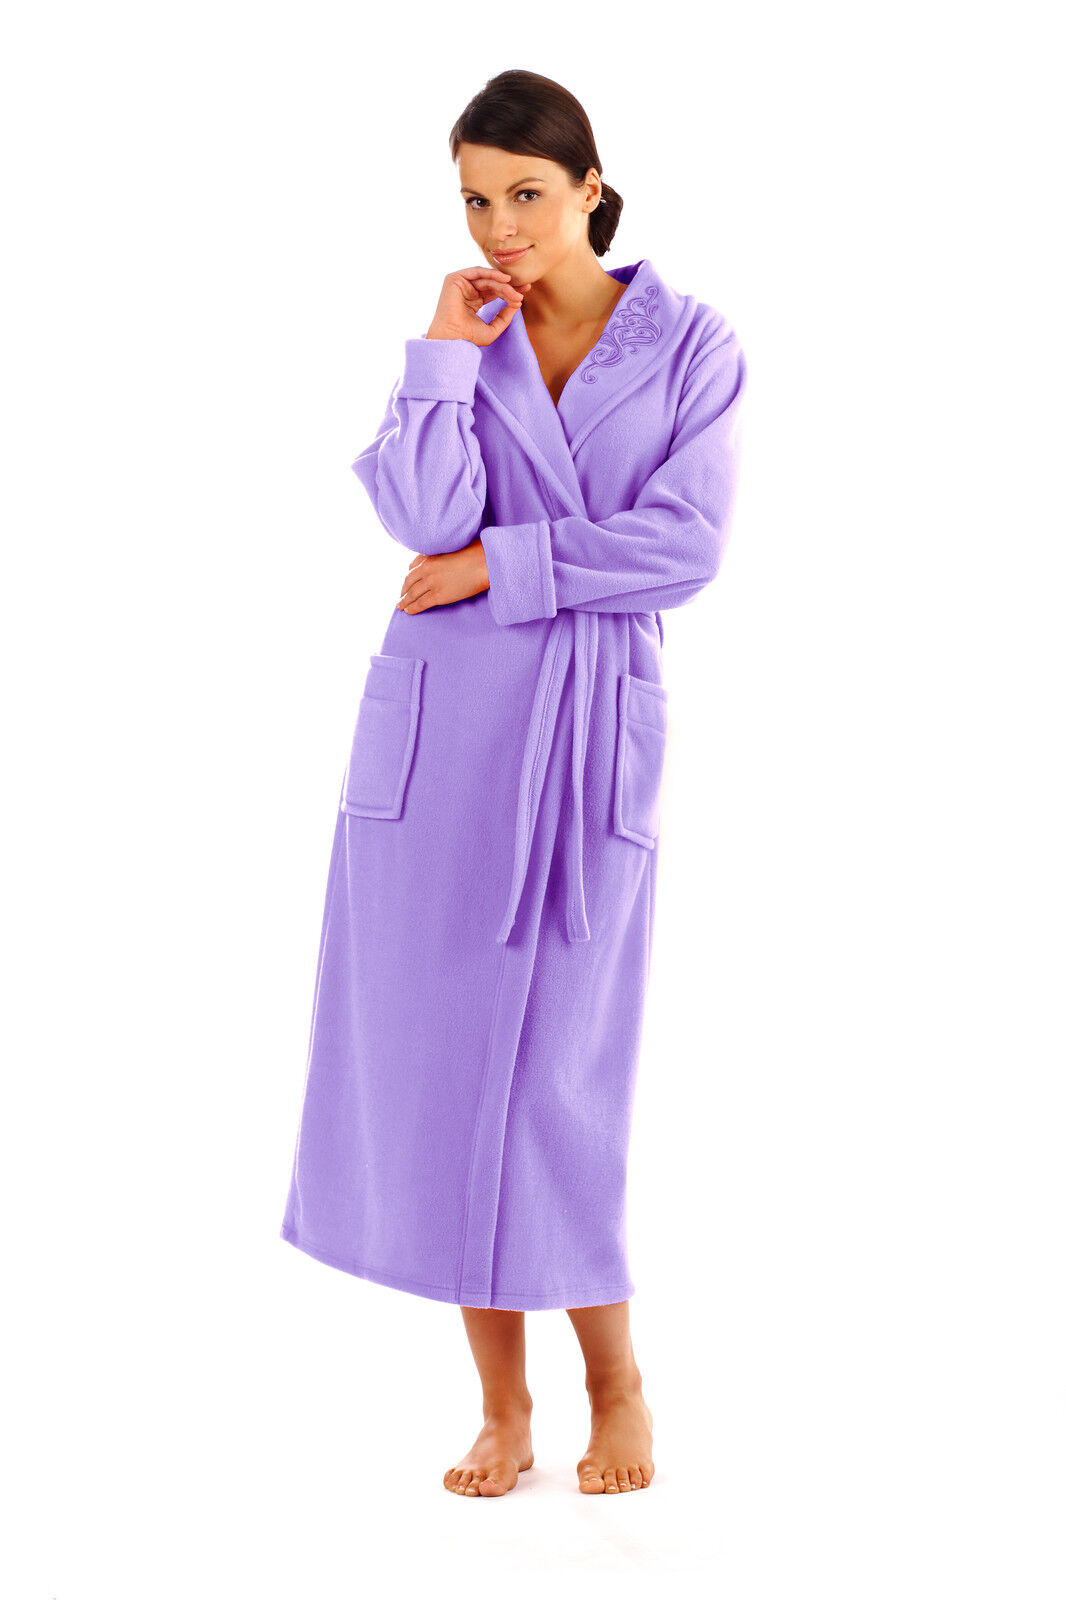 Women Soft Full Length Bathrobe Dressing Gown Housecoat Uk Size 10 12 14 16